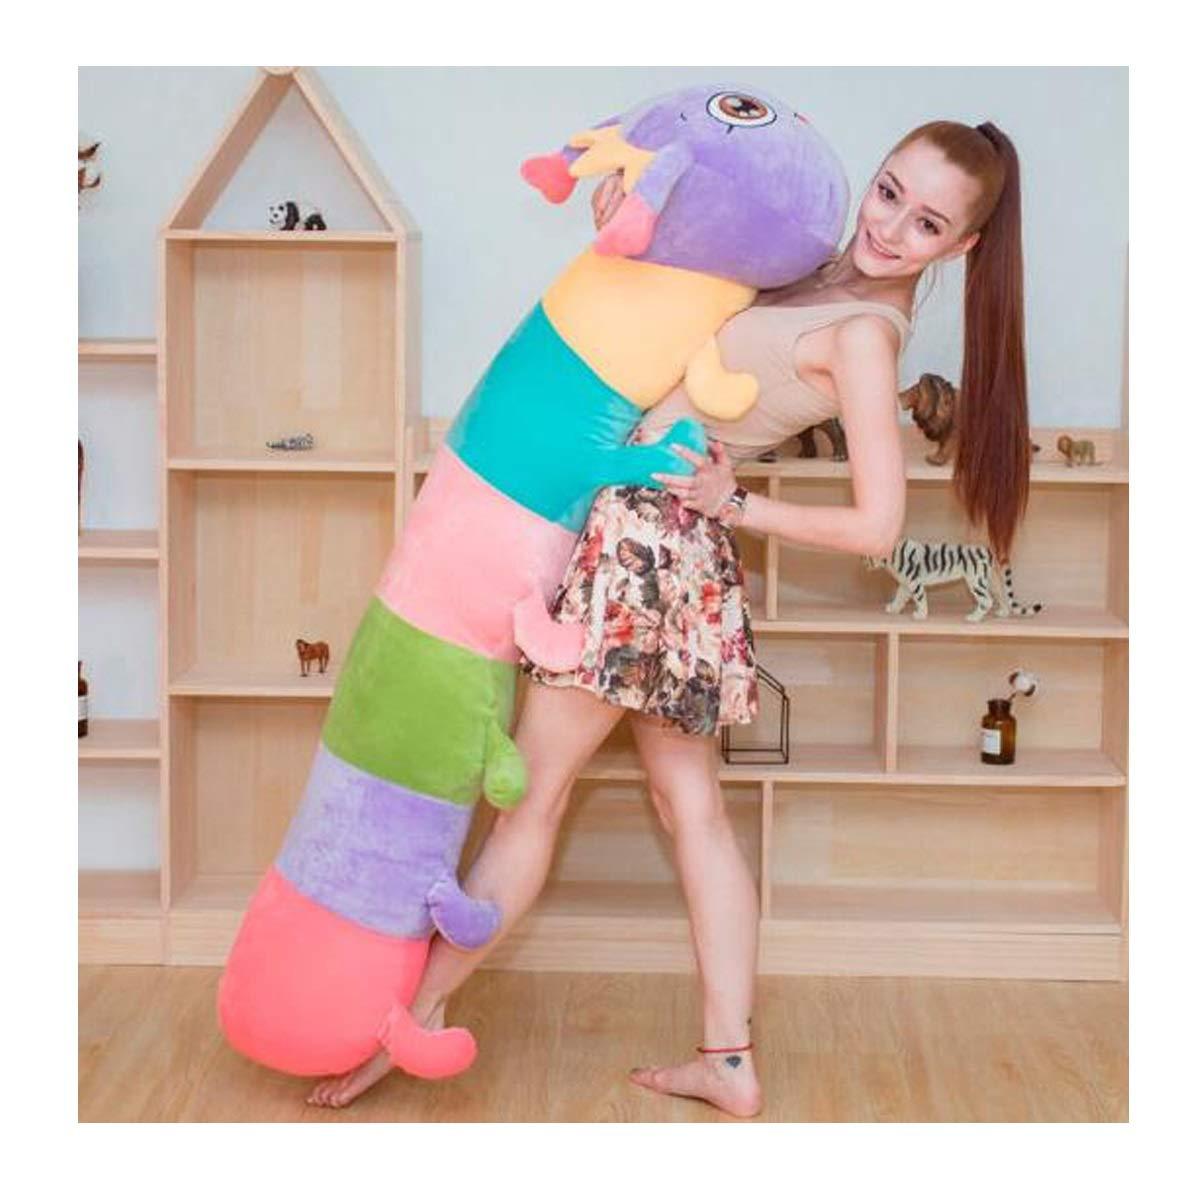 キャタピラー人形ぬいぐるみ人形人形人形生地大きな人形ライトパープル1.55 m ( Color : 紫の , Size : 90cm )